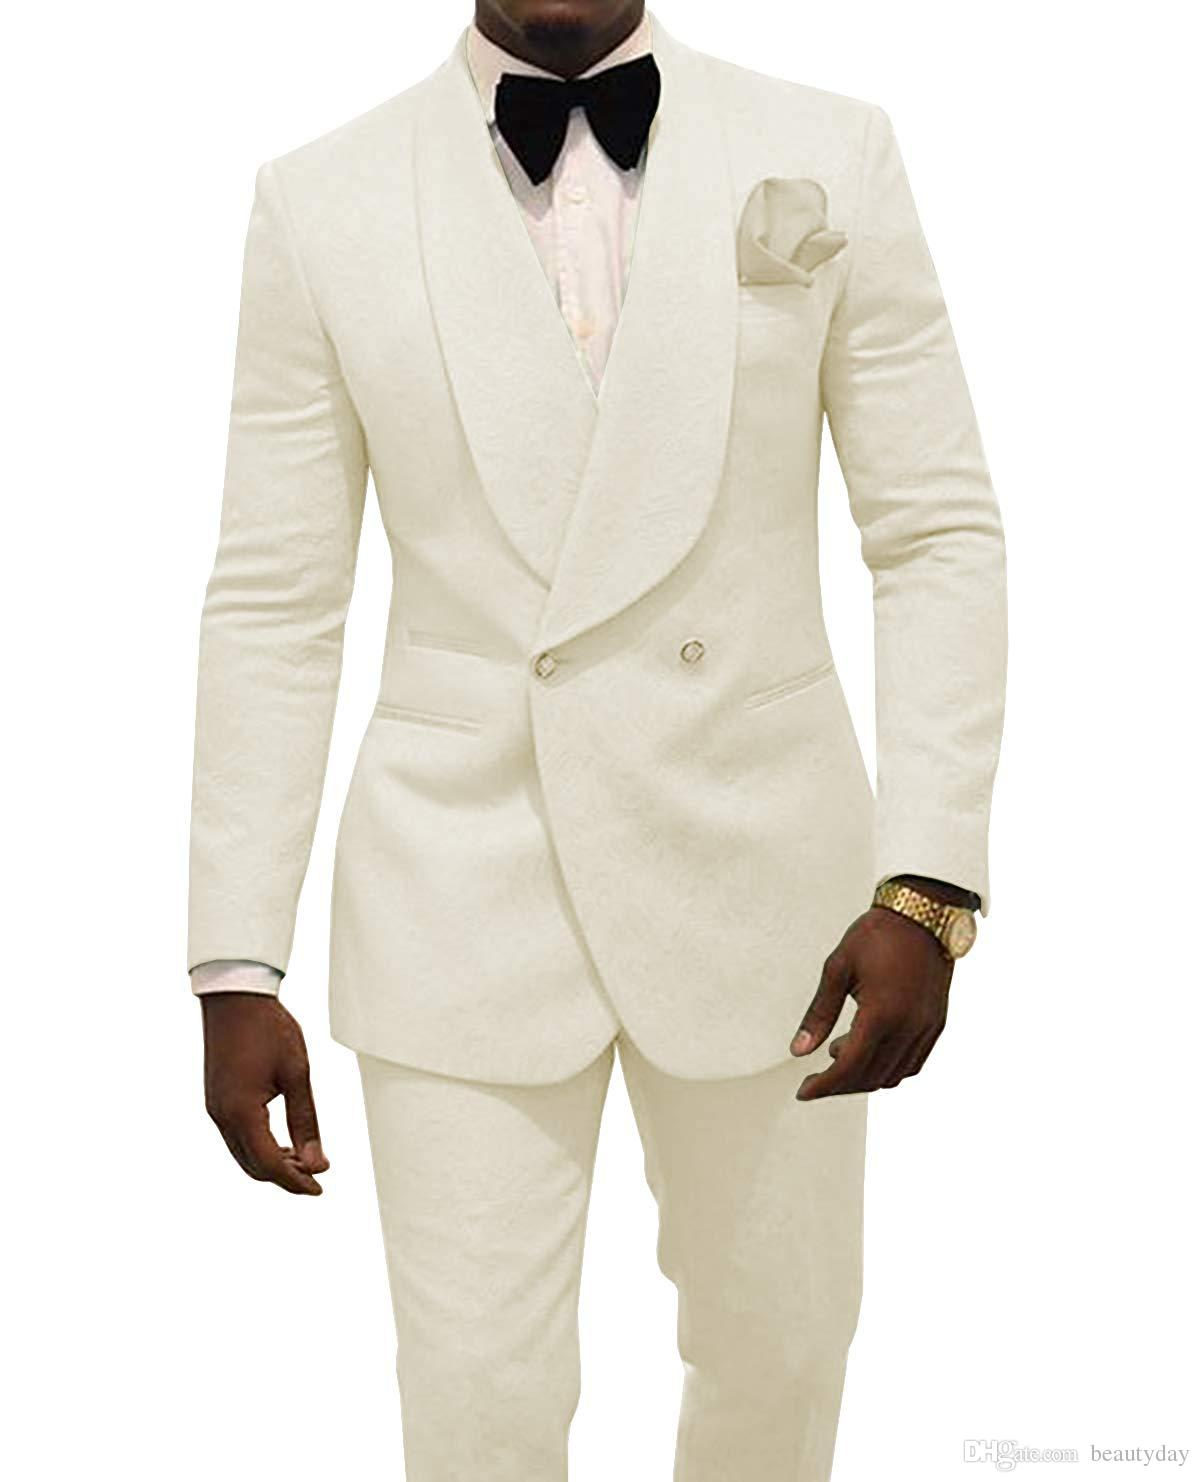 2019 Mariage De Mode Smokings Porter Des Costumes Sur Mesure Groomsmen Dîner Formel Costumes De Bal De Finition (Veste + Pantalon + Arc) Sur Mesure B11